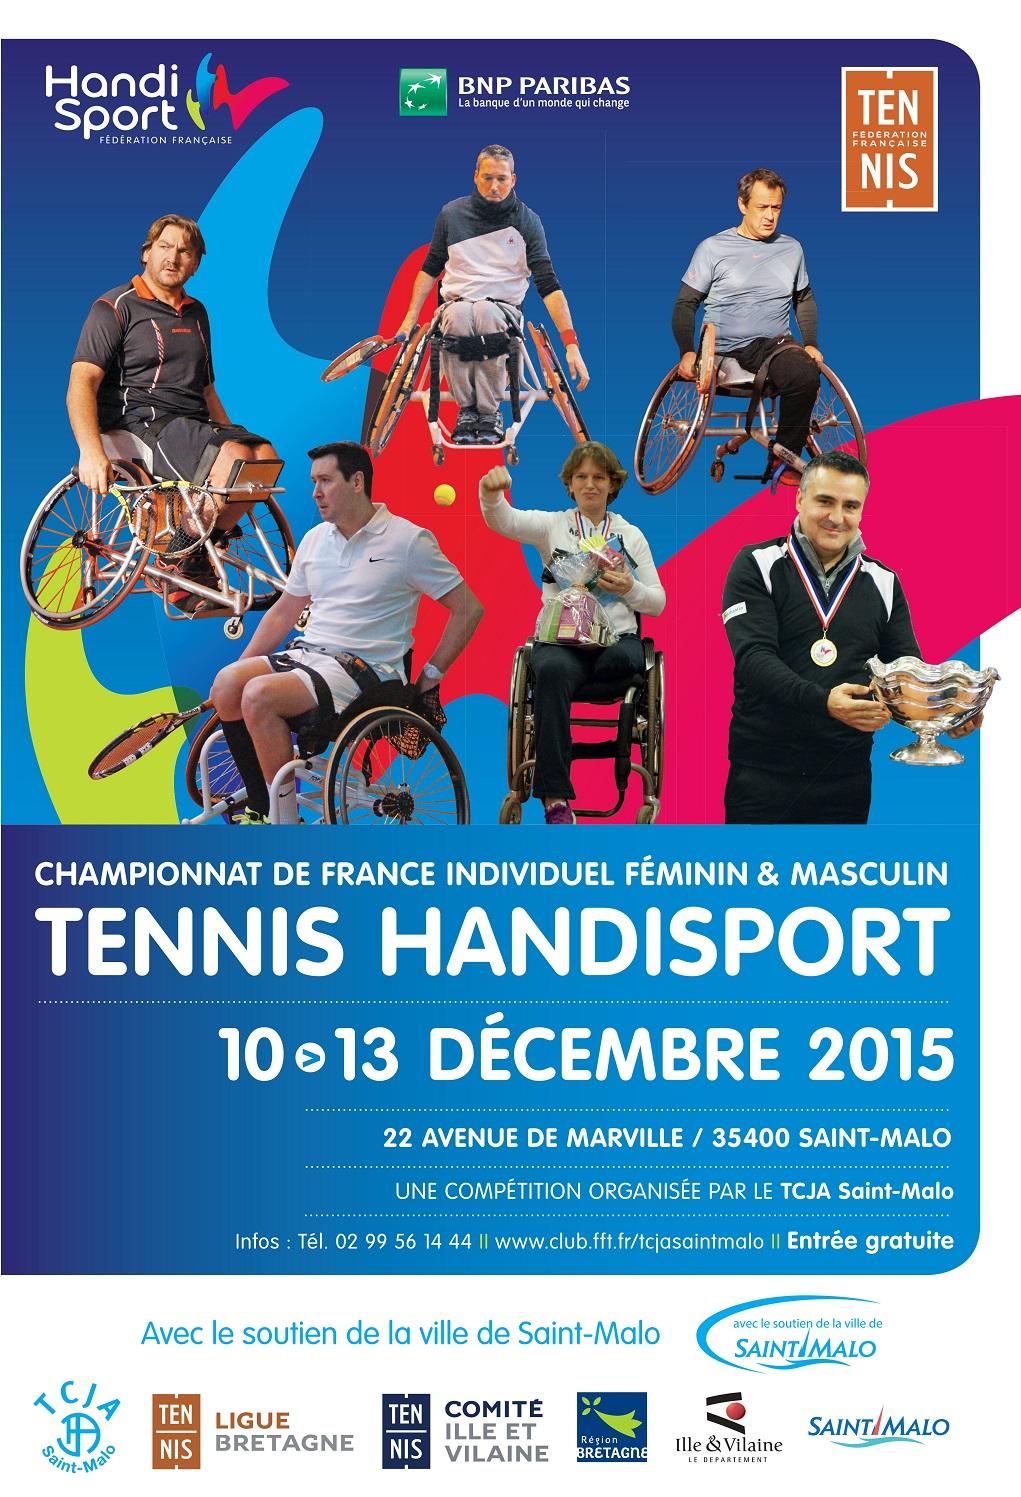 Championnat france individuel tennis handisport comit - Comite d ille et vilaine de tennis de table ...